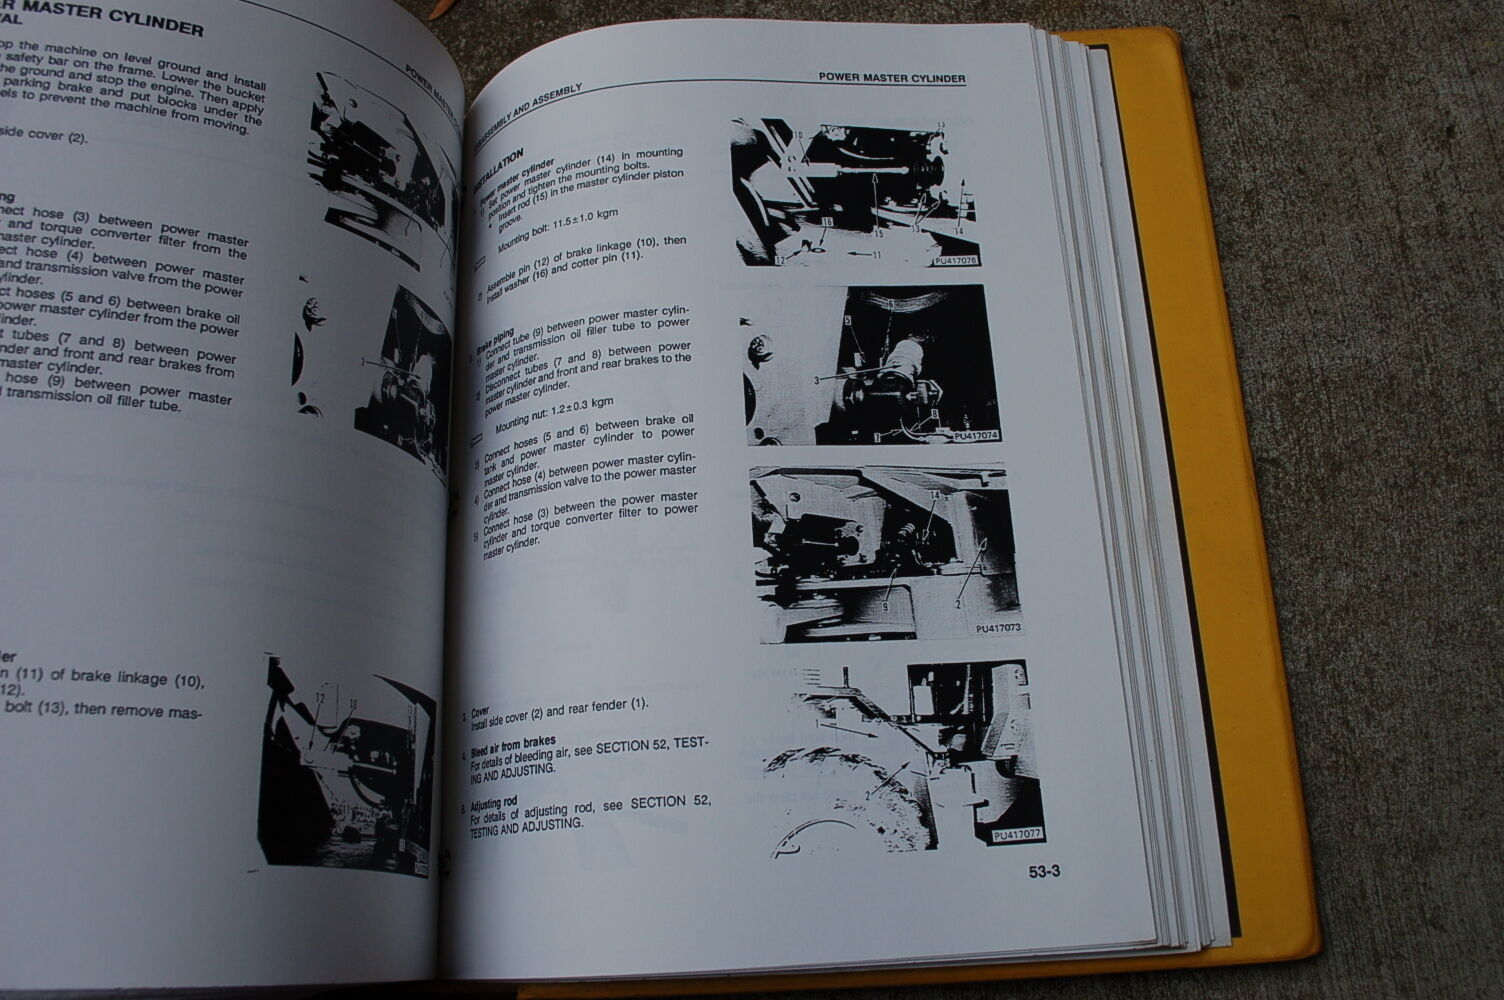 5 of 6 KOMATSU WA180-1LC WHEEL LOADER Service Repair Overhaul Shop Manual  book